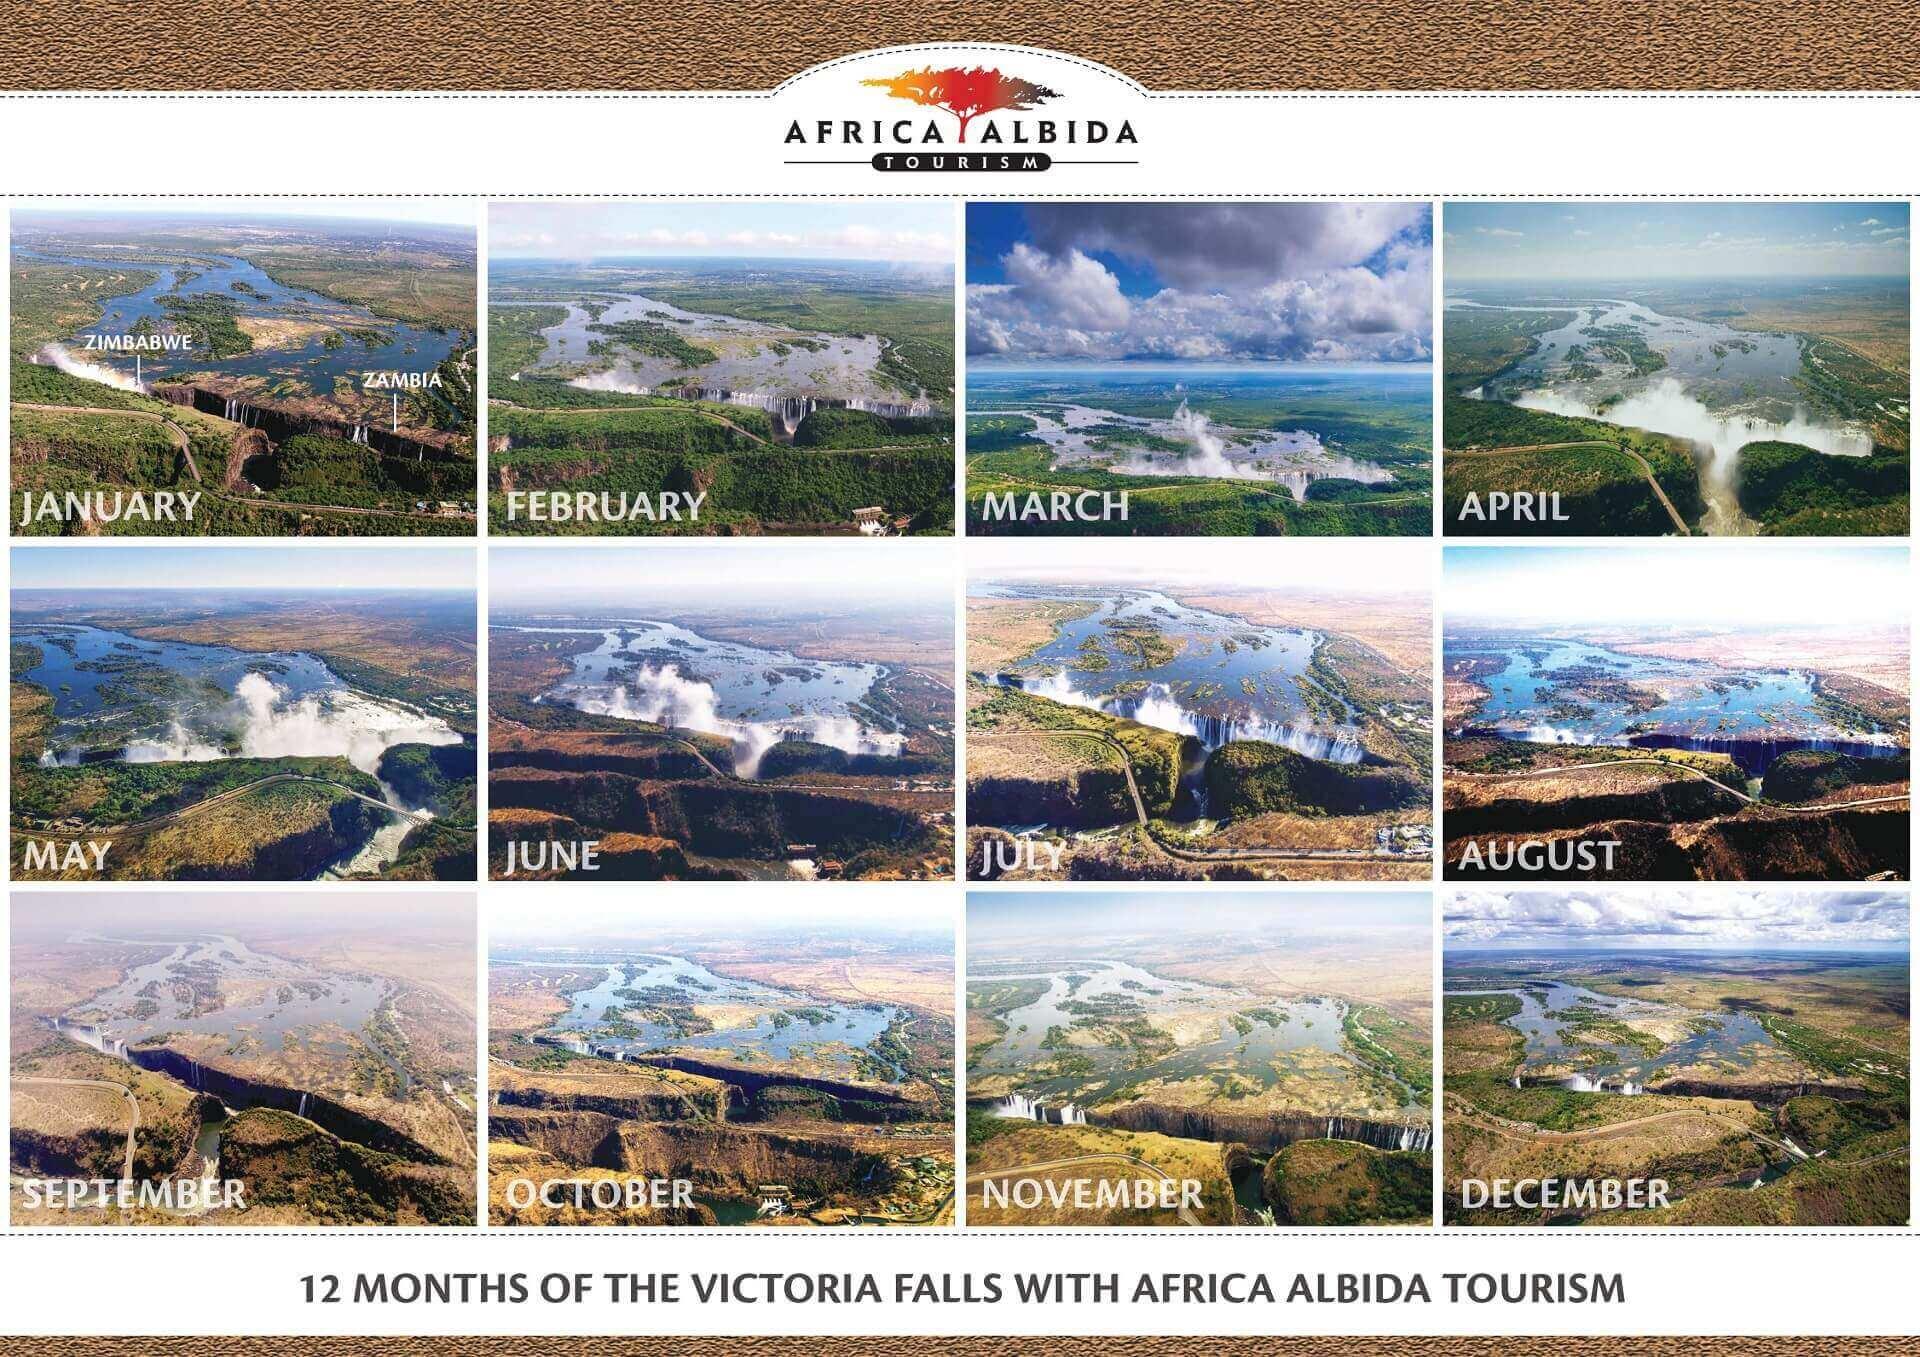 Bilder der Victoria Falls von Januar bis Dezember